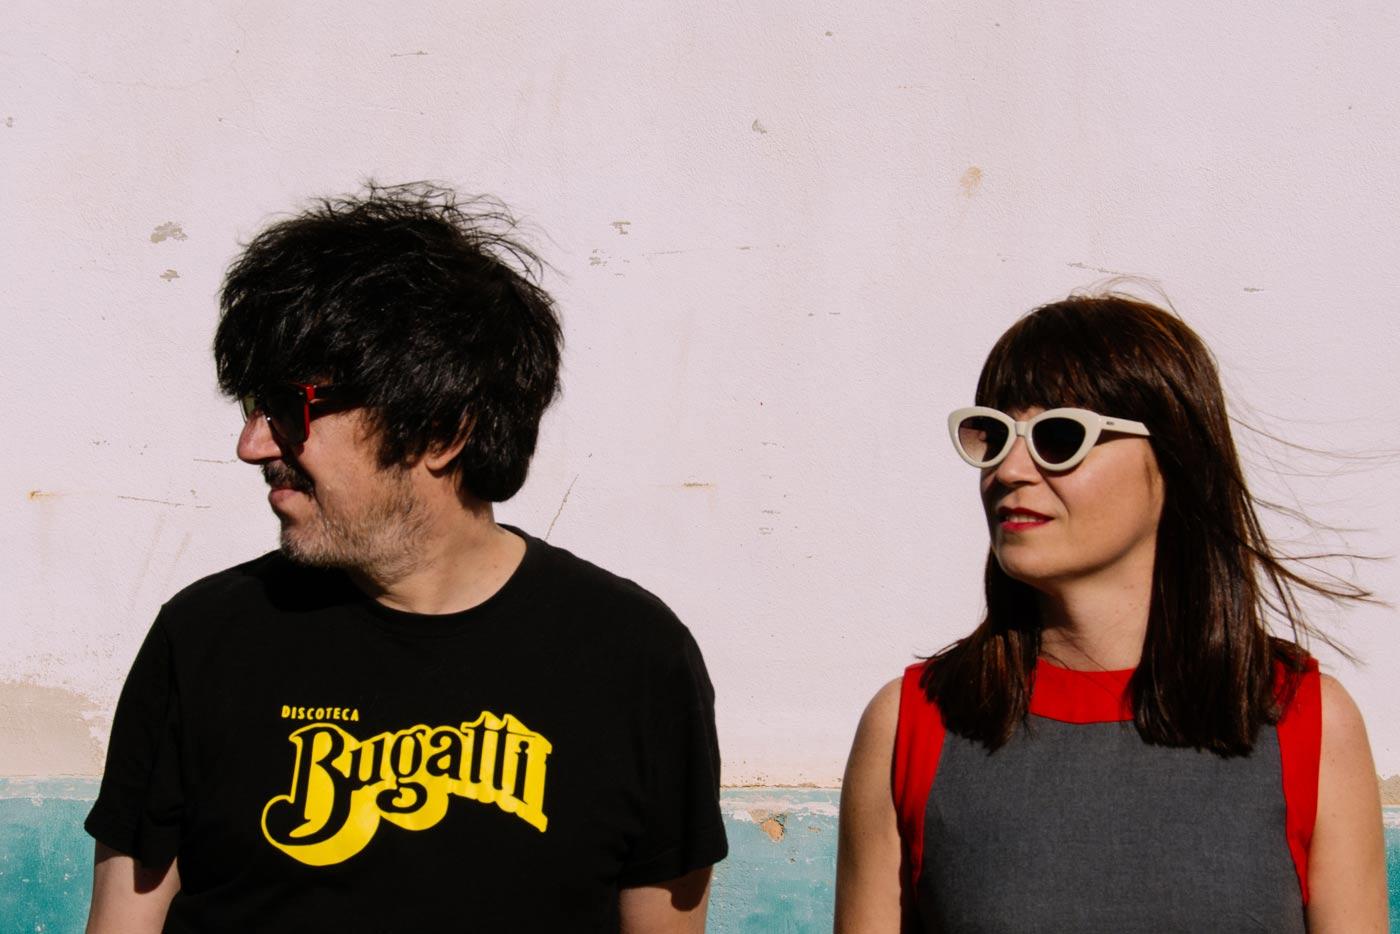 Estrenamos el nuevo videoclip de Murciano Total